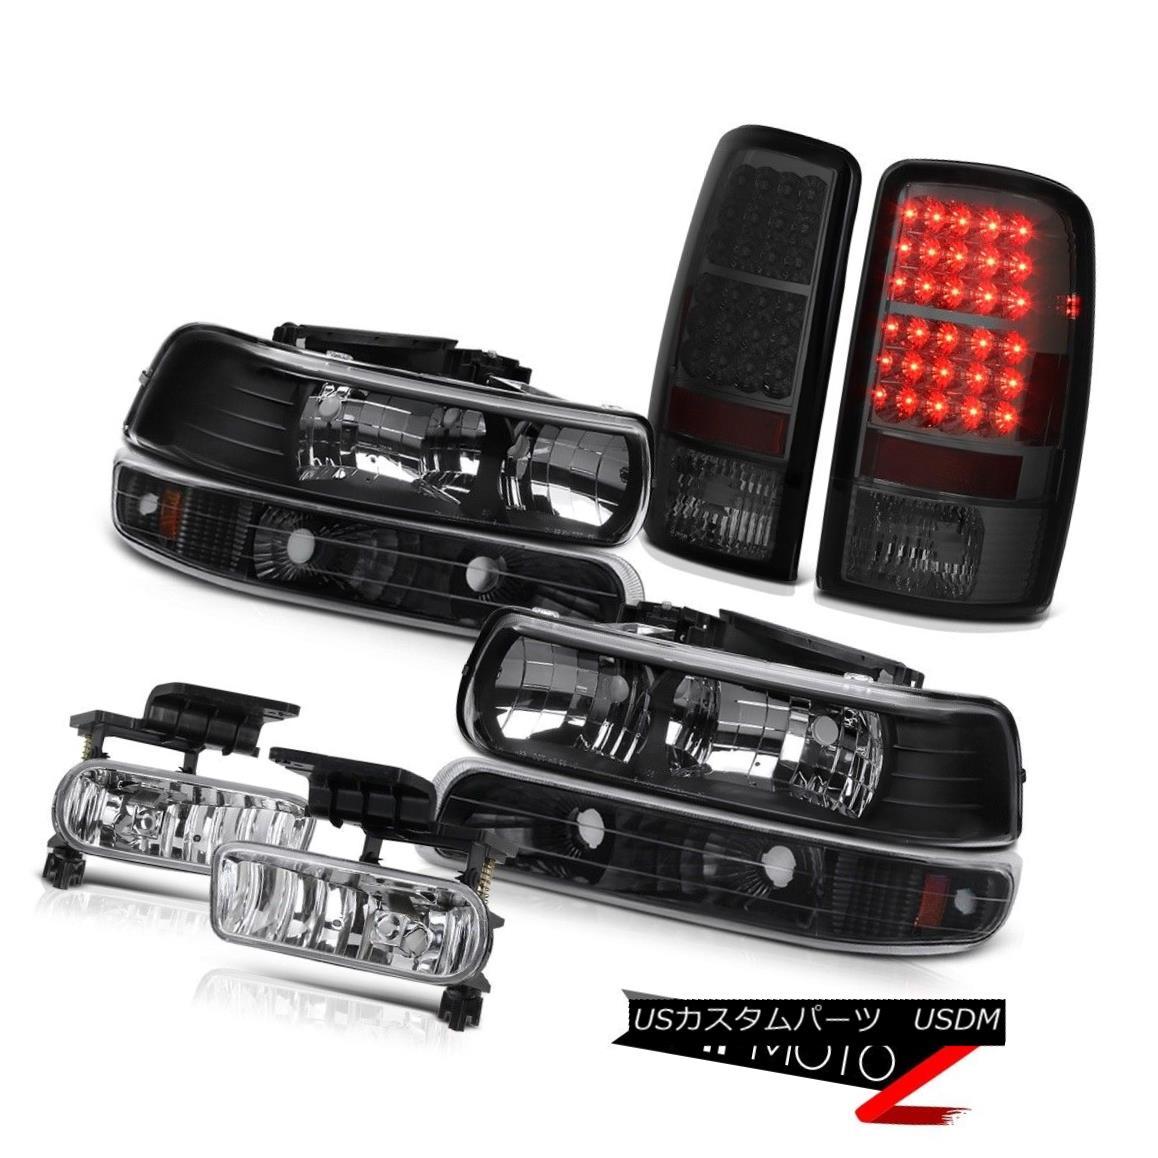 テールライト Left Right Headlights Black Parking Smoke LED Brake Fog 2000-2006 Suburban 8.1L 左の右のヘッドライトブラック駐車場煙LEDブレーキ霧2000-2006郊外8.1L